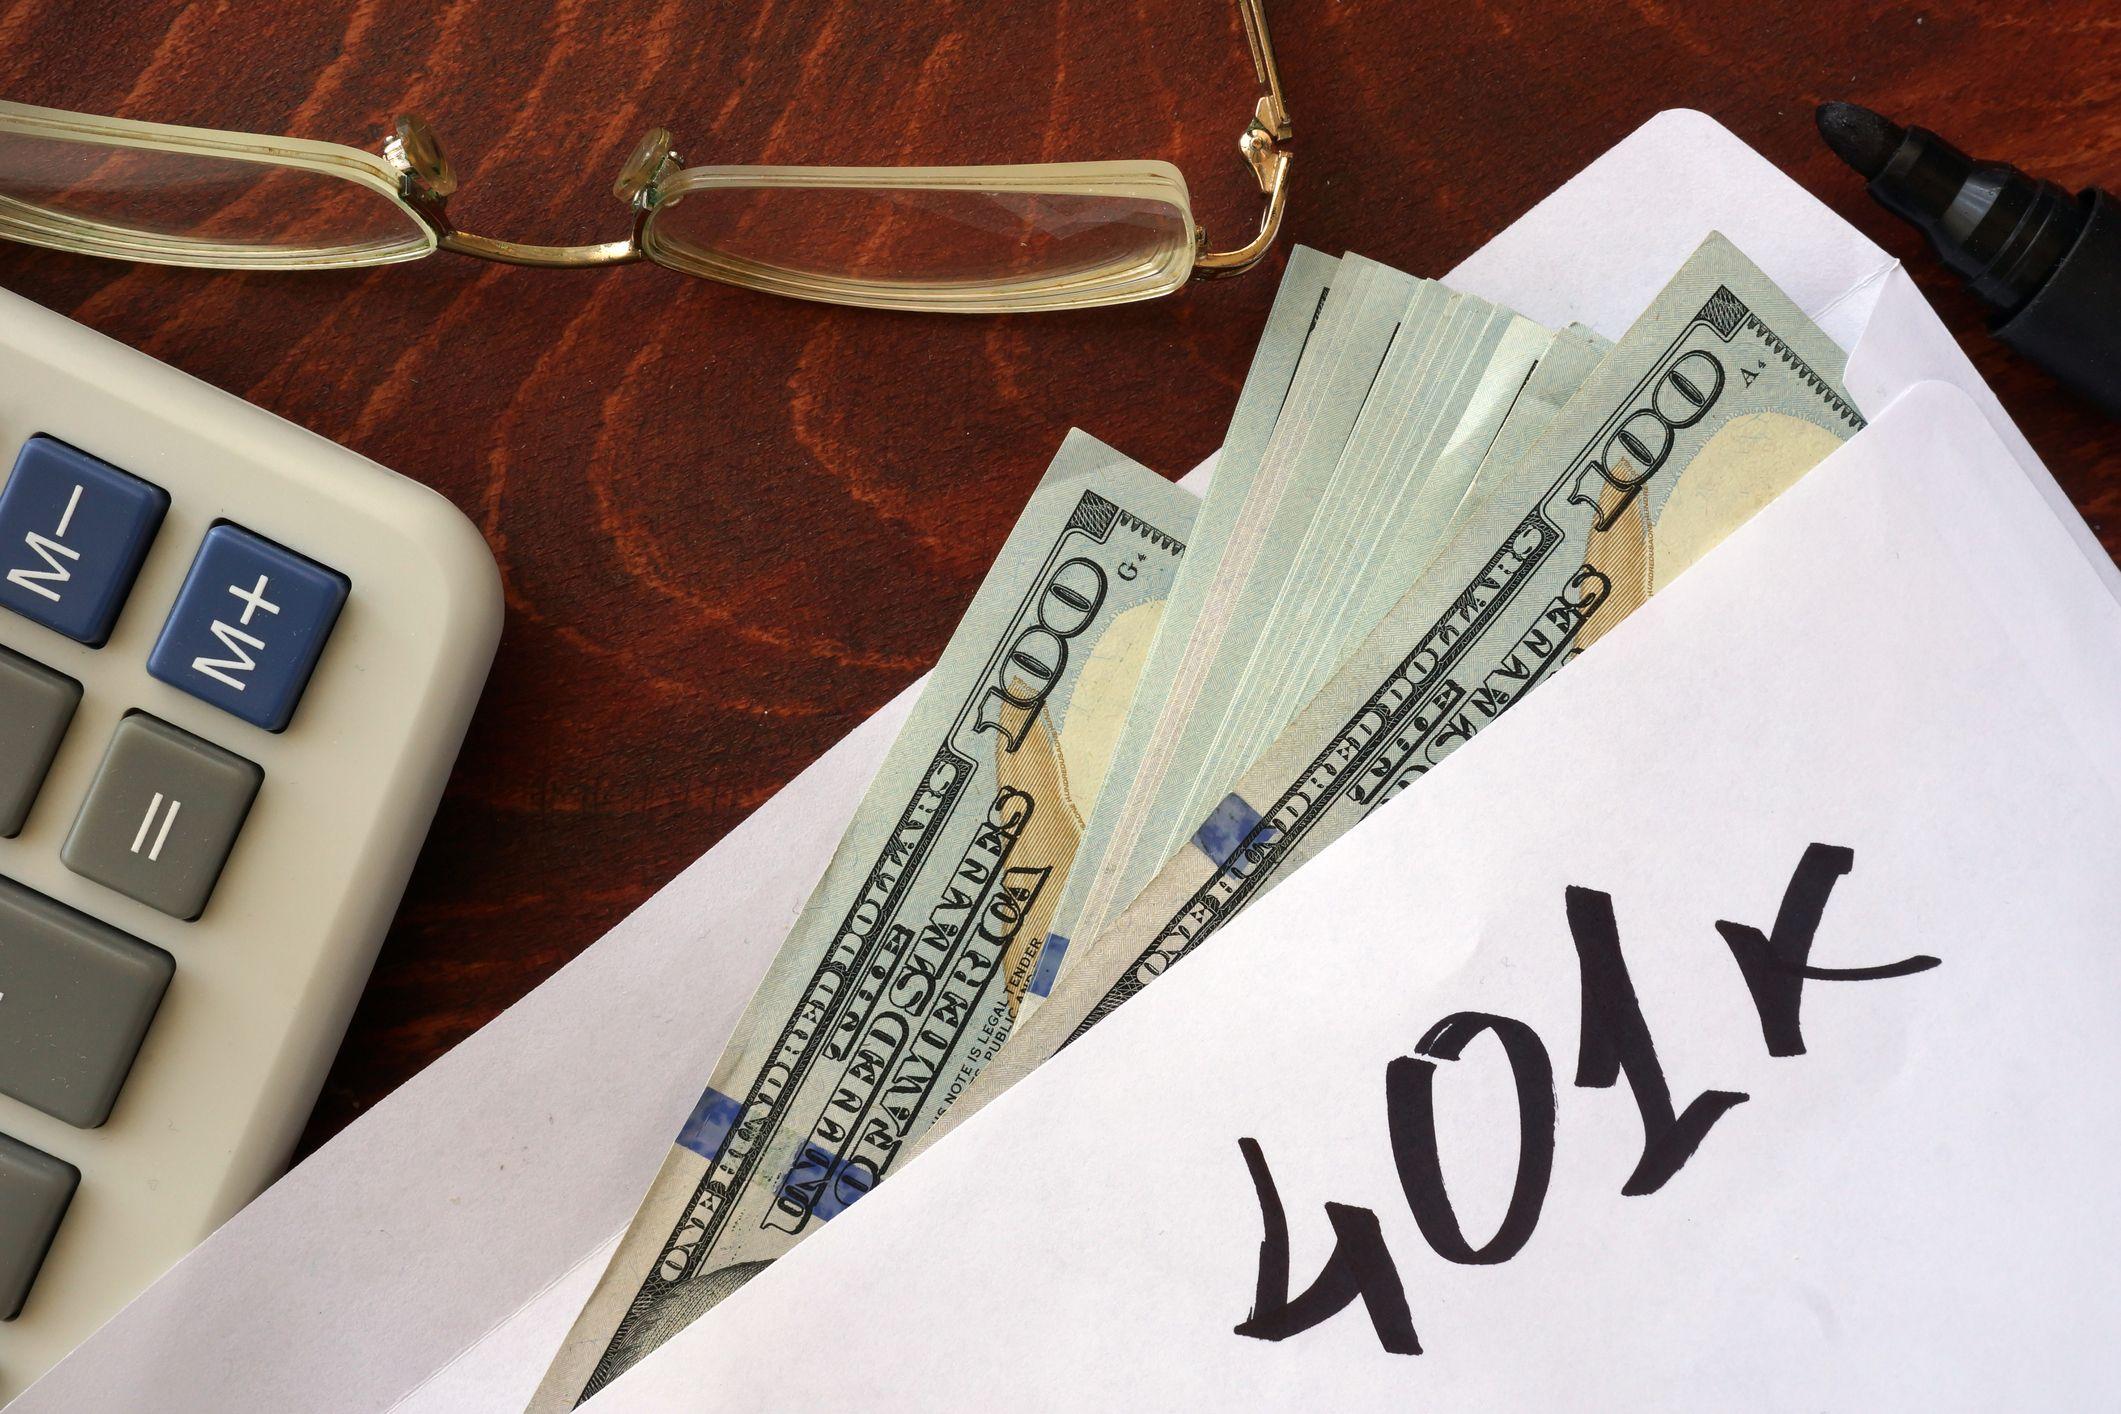 Cash in envelope labeled 401k